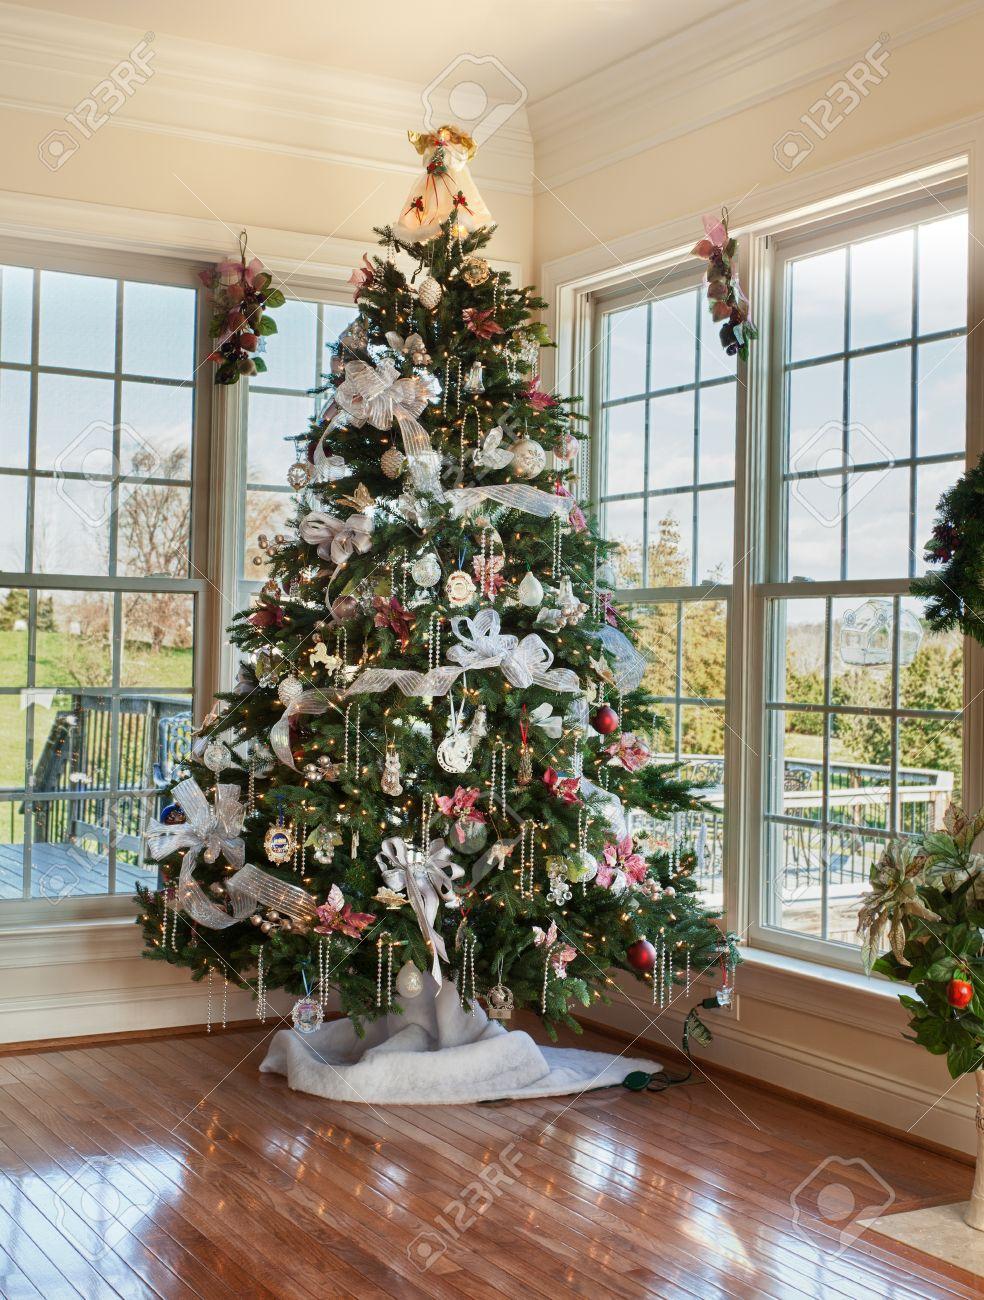 rbol de navidad decorado con cintas de plata y negro y adornos en casa de la